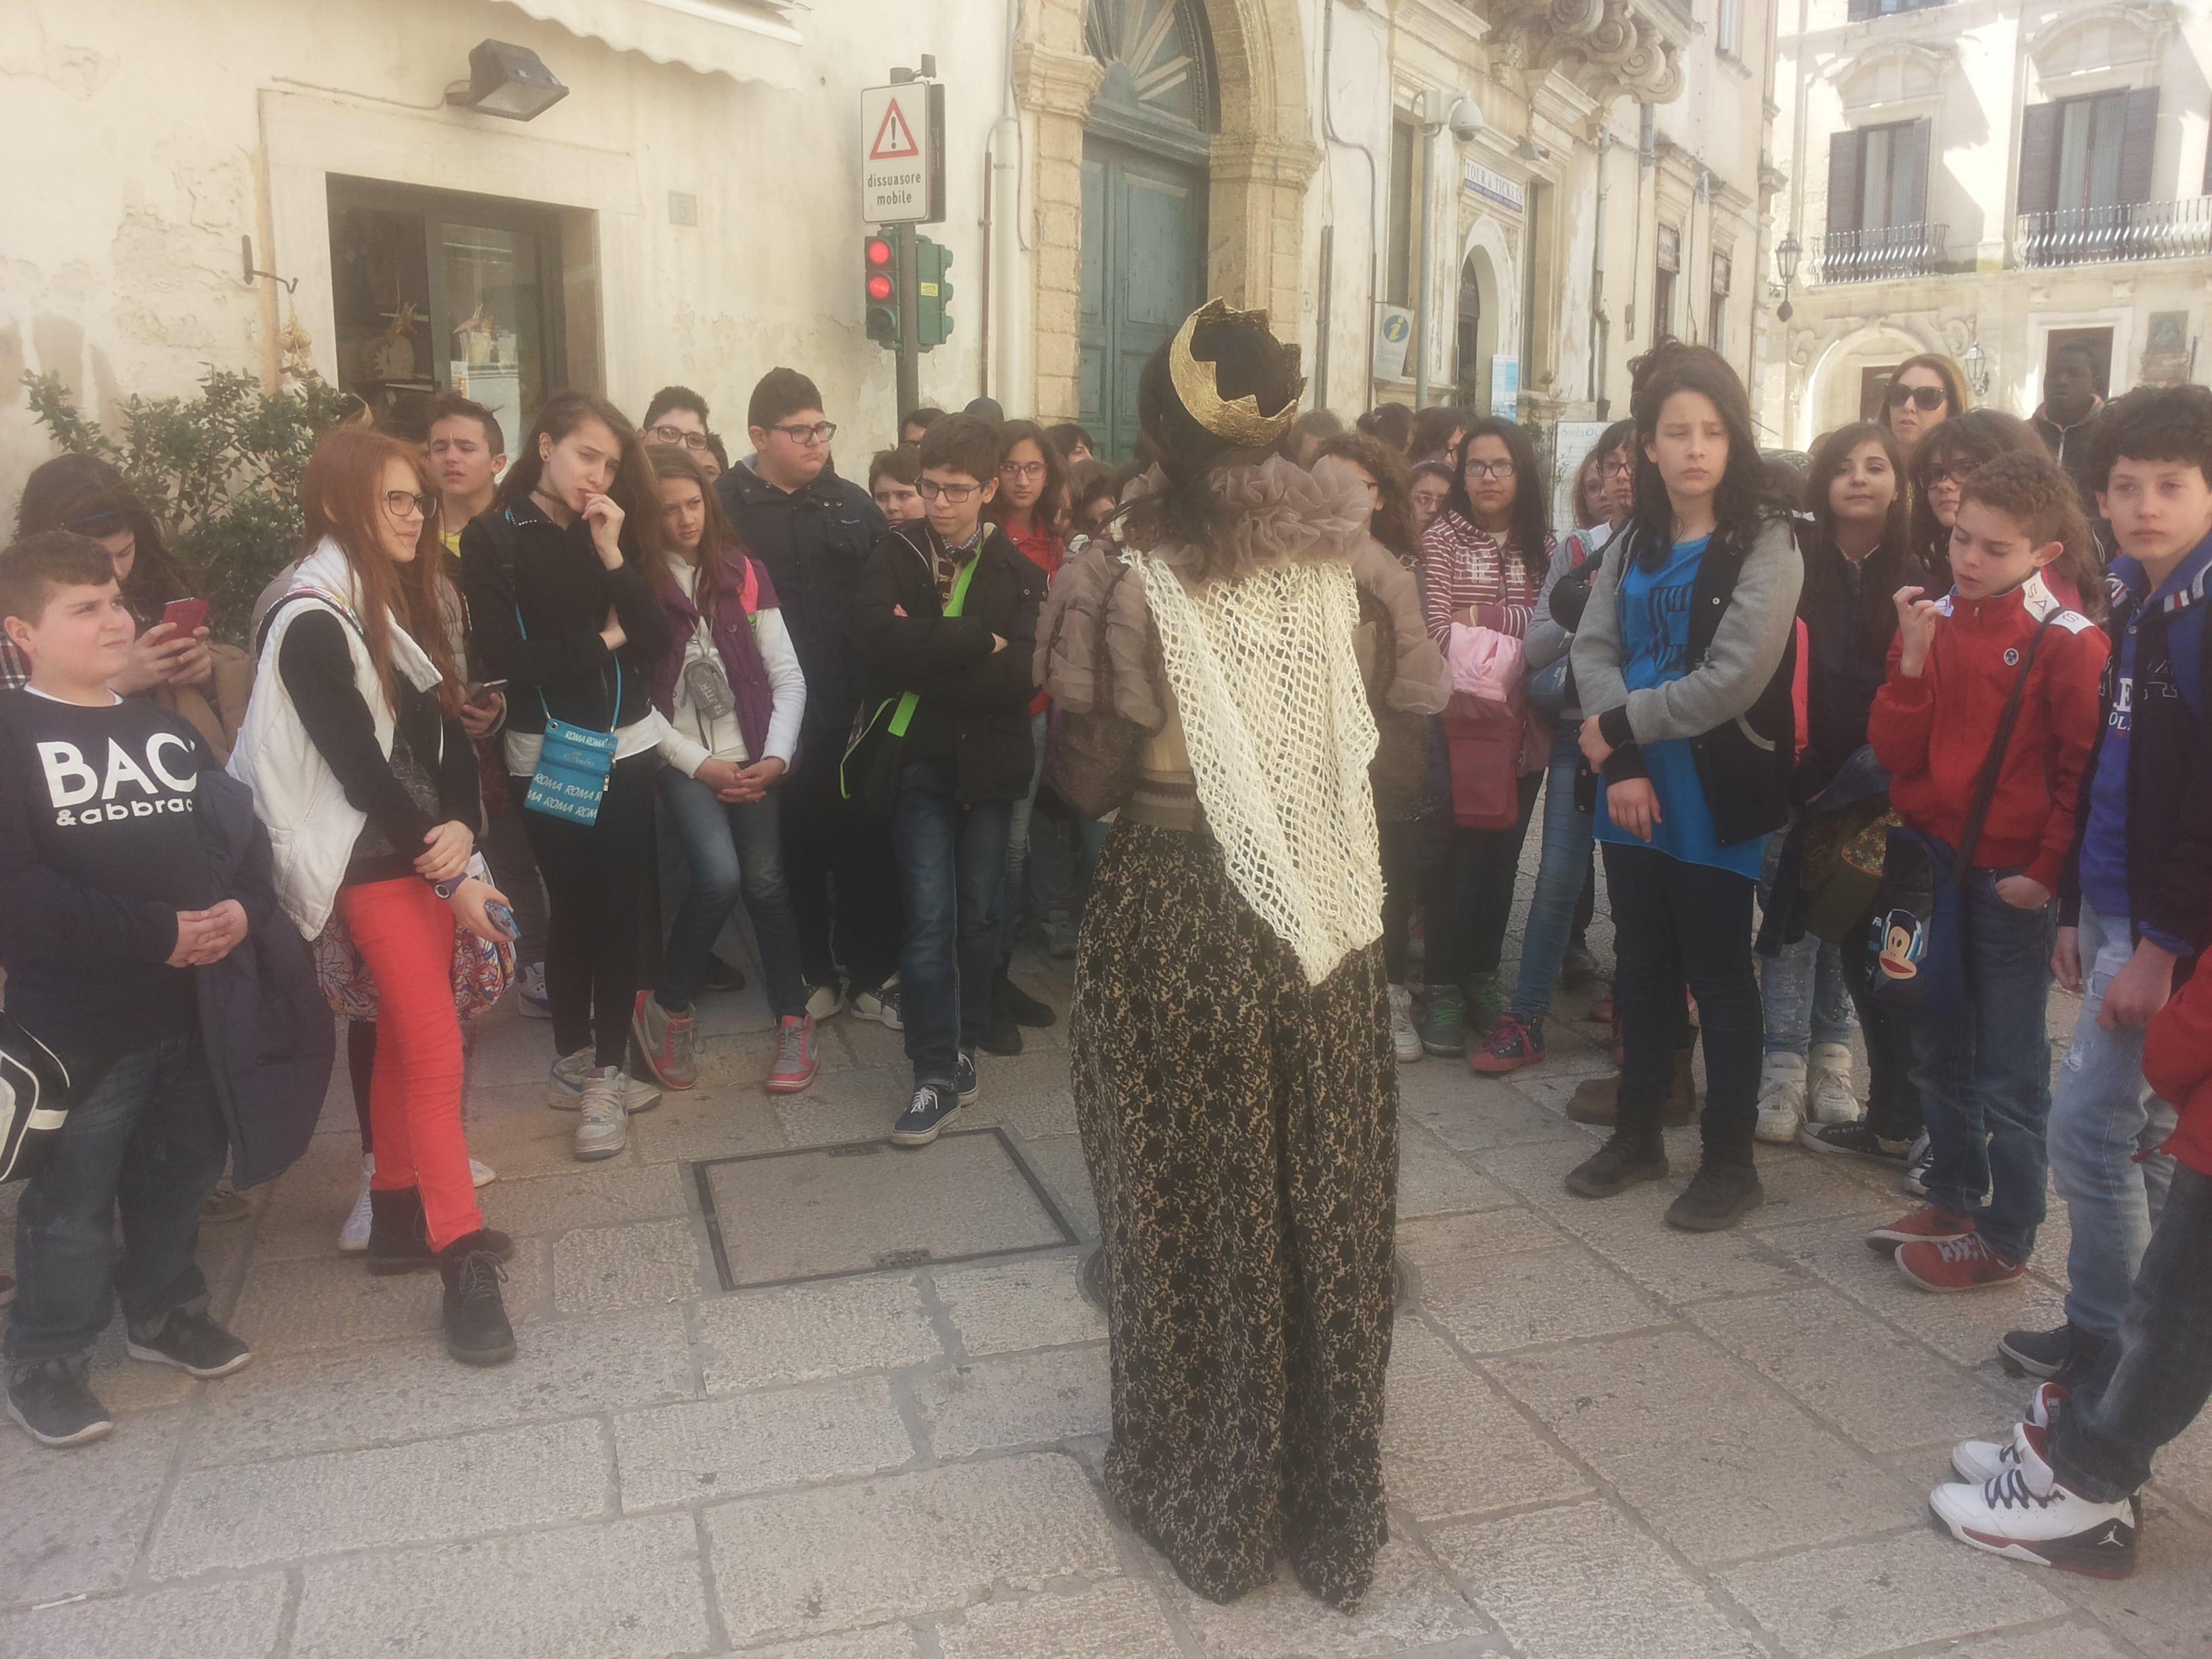 Centro storico - Lecce